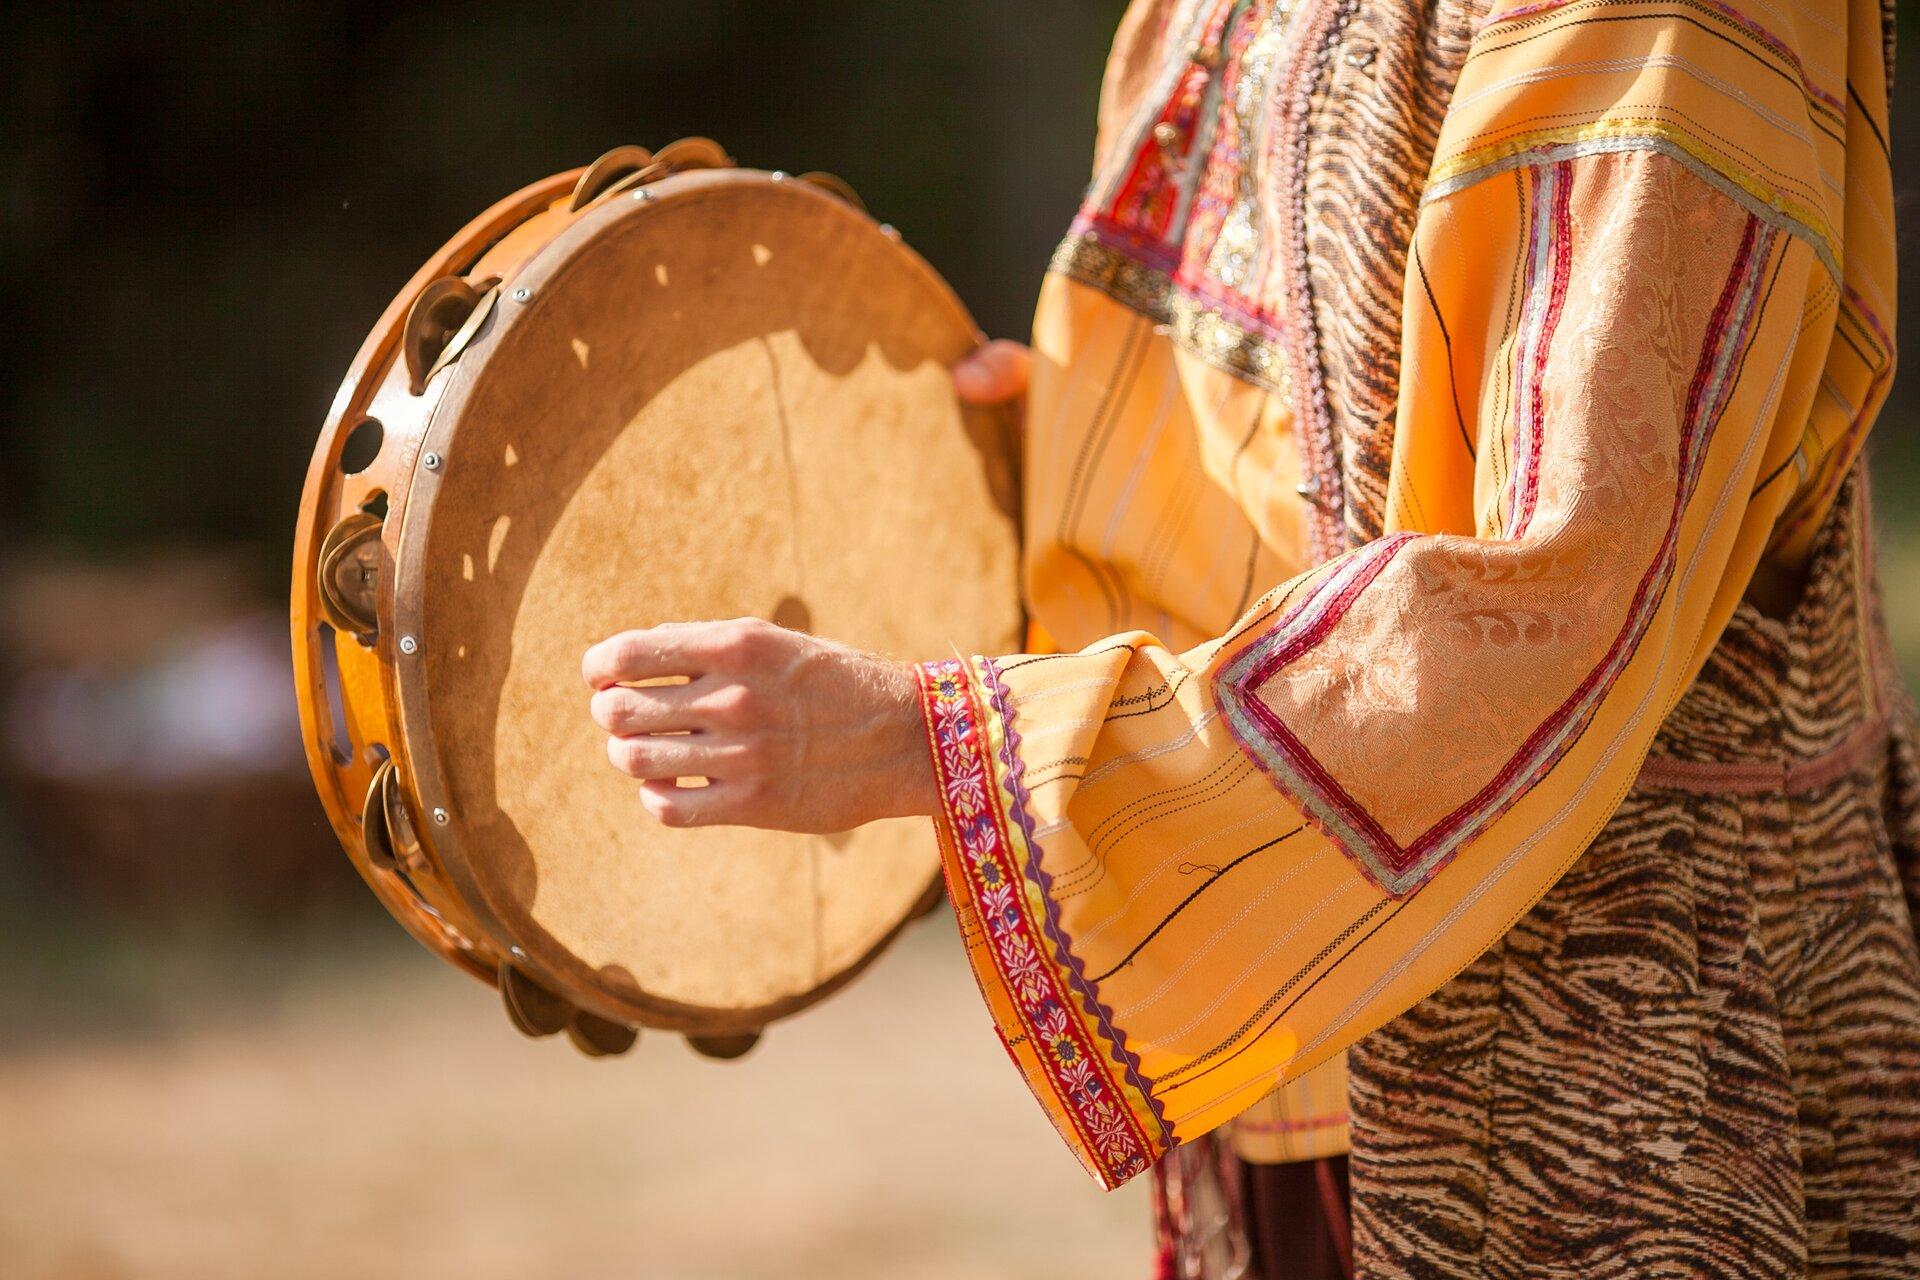 Ilustracja przedstawia tamburyn znany także jako bębenek baskijski. Na zdjęciu jest on trzymany przez kobietę wkolorowym stroju ludowym.